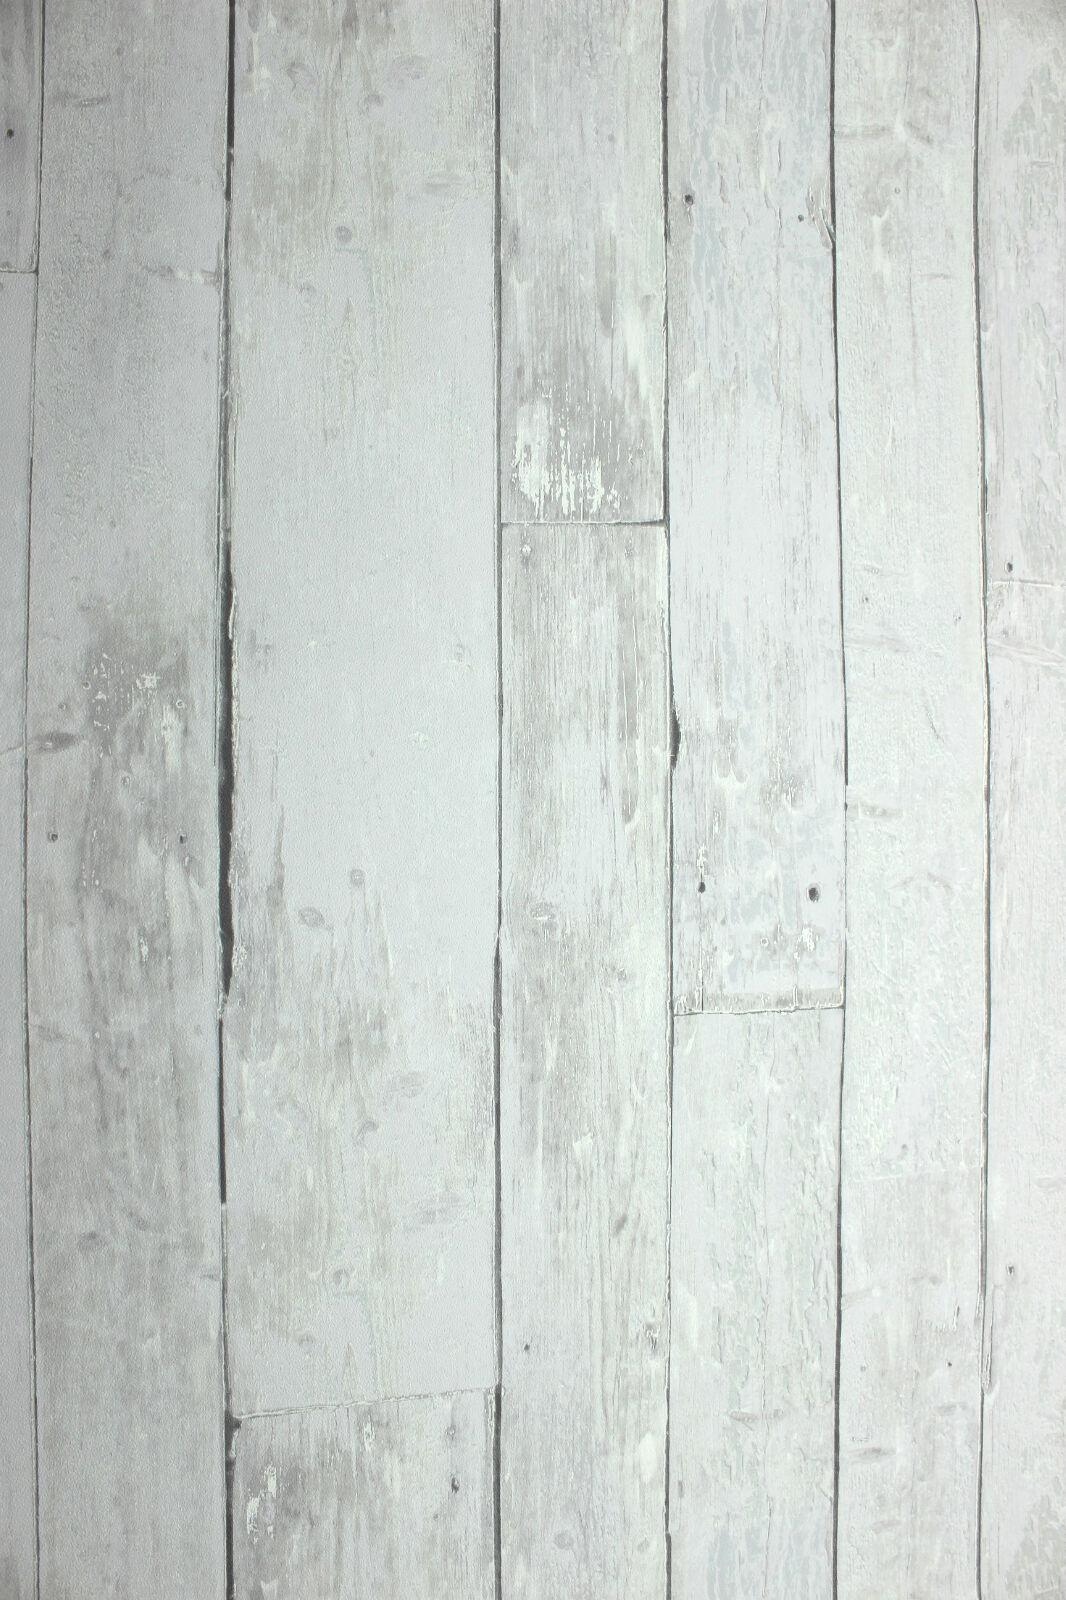 Vlies tapete antik holz rustikal hell grau bretter - Tapete rustikal ...